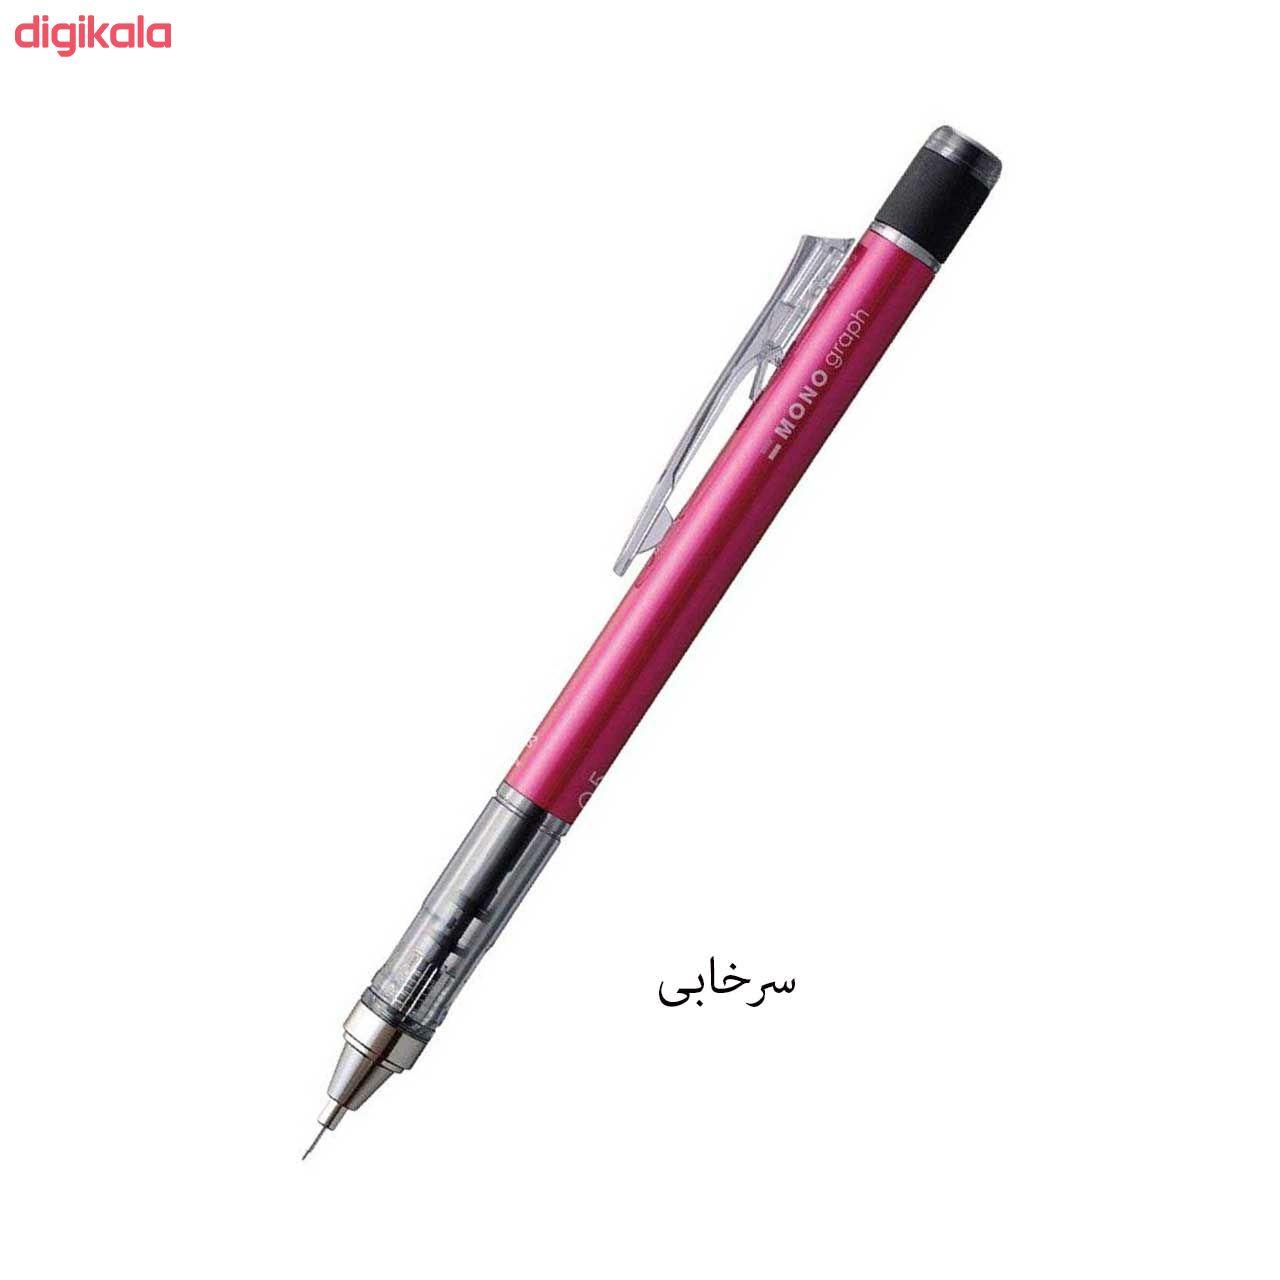 مداد نوکی 0.5 میلی متری تومبو مدل MONO GRAPPH main 1 7